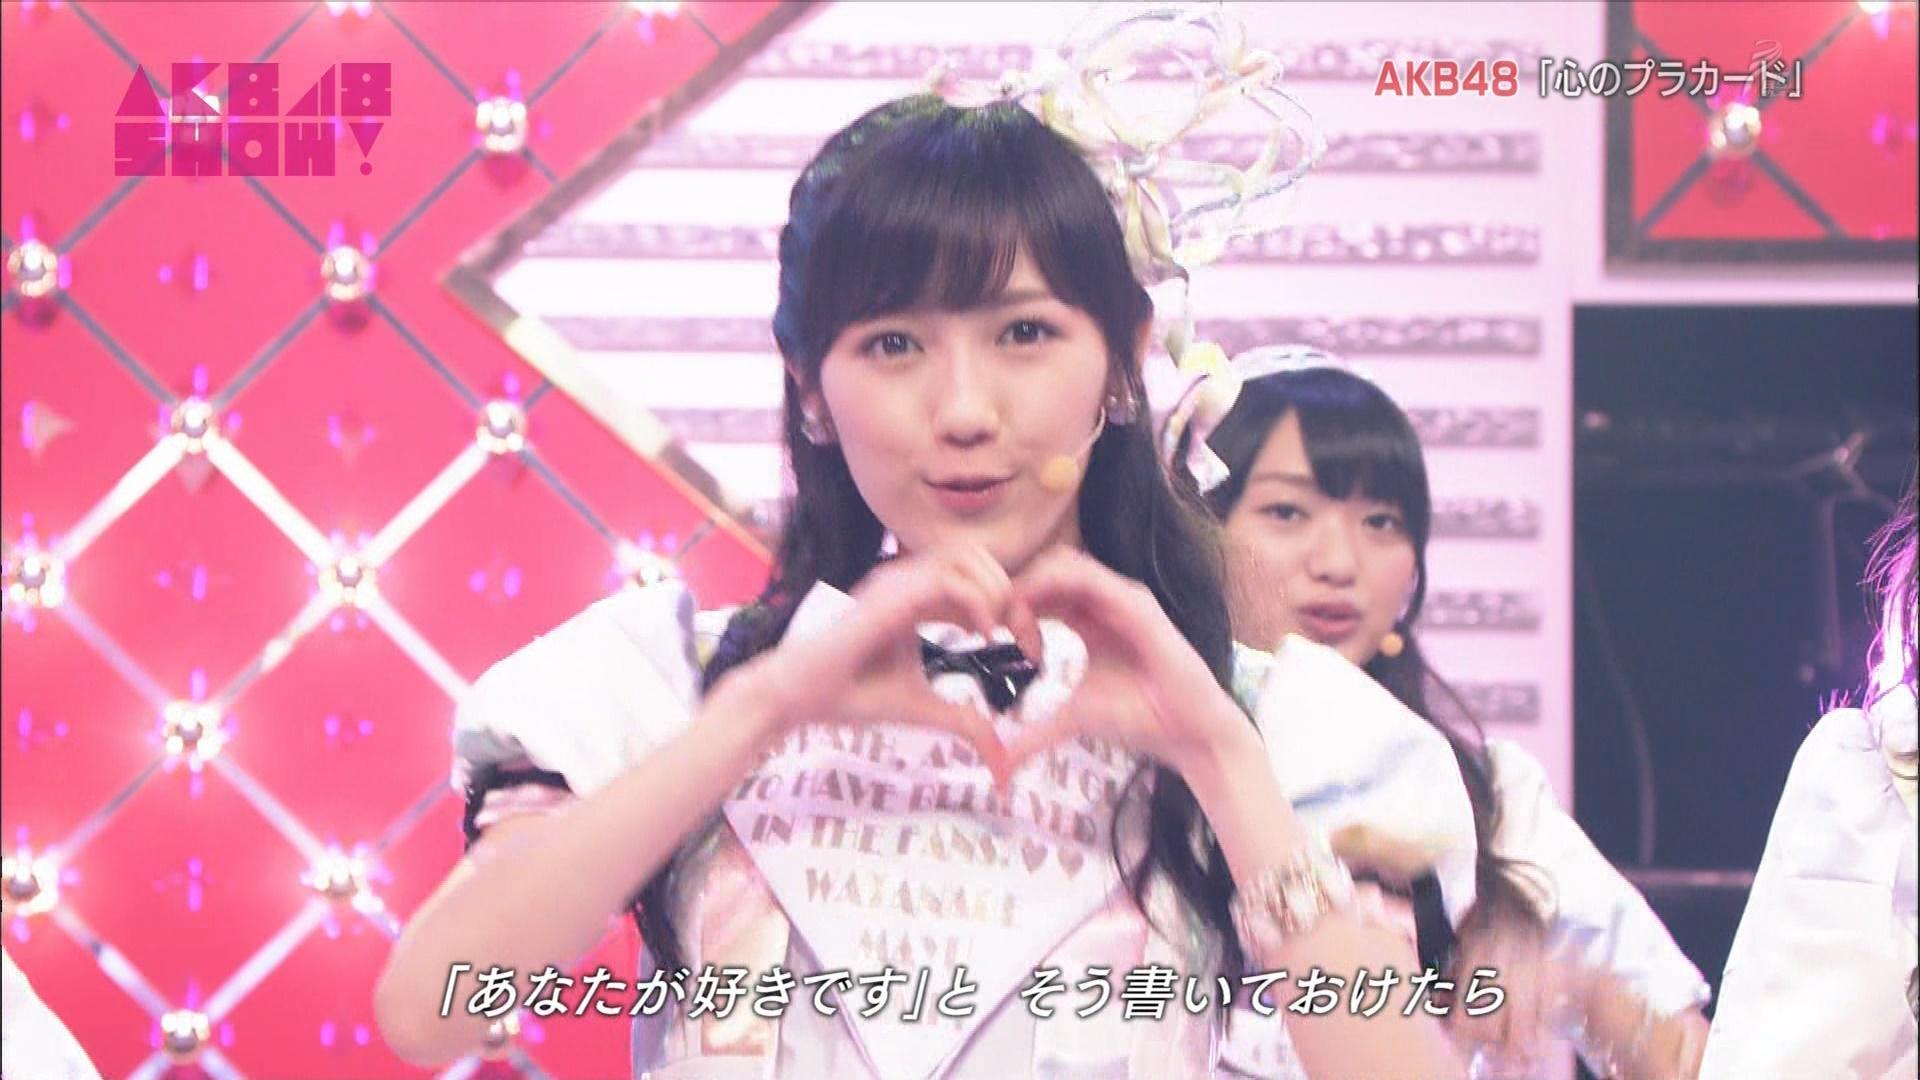 AKB48SHOW 心のプラカード 渡辺麻友 20140830 (11)